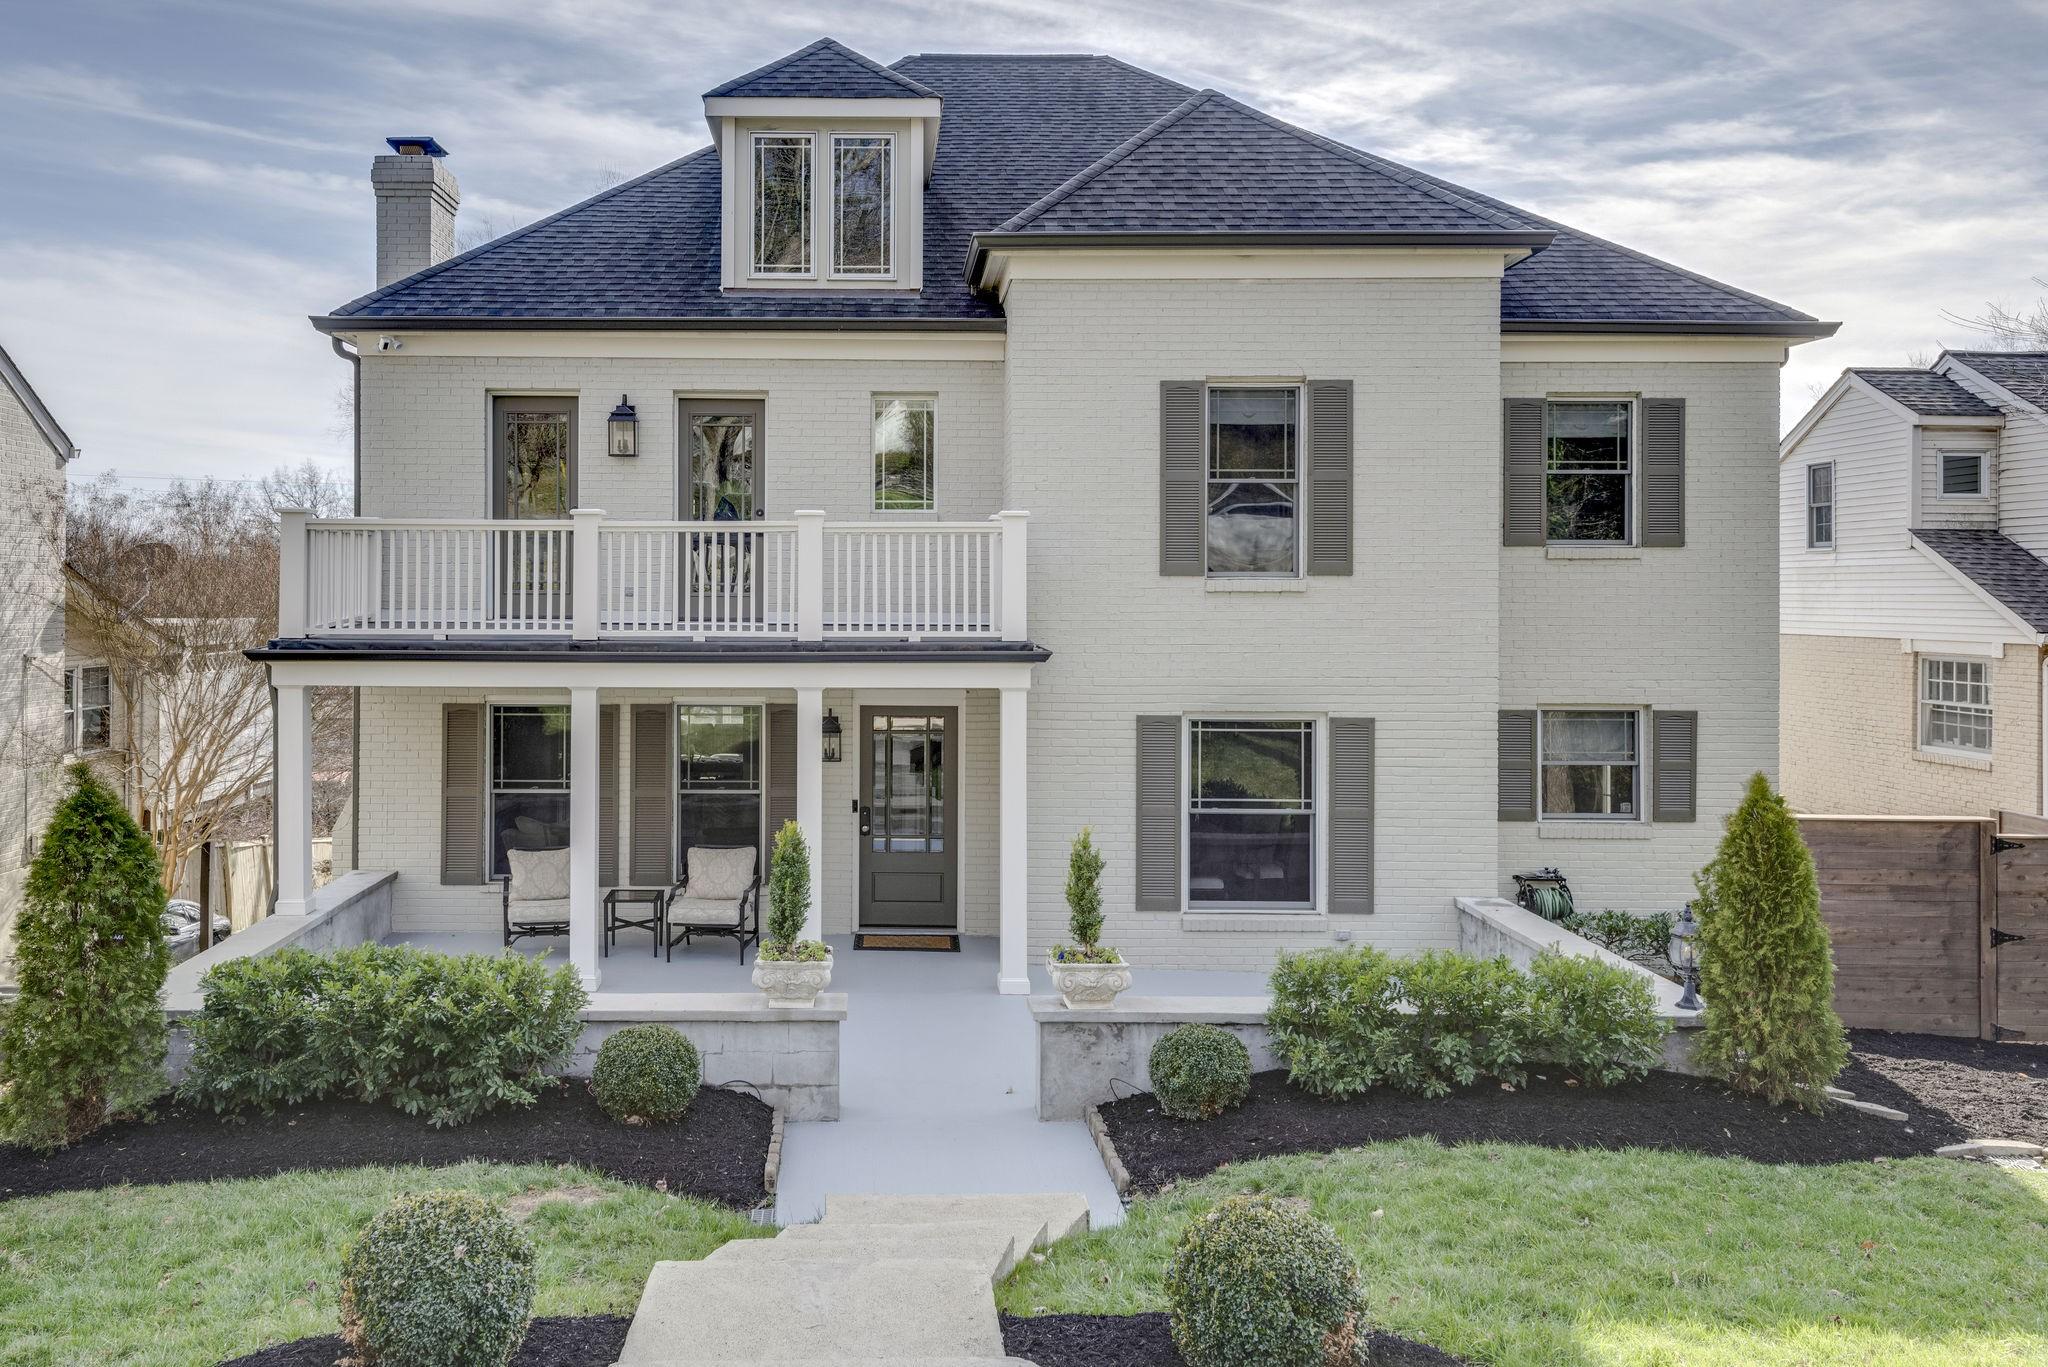 3319 Acklen Ave, Nashville, TN 37212 - Nashville, TN real estate listing